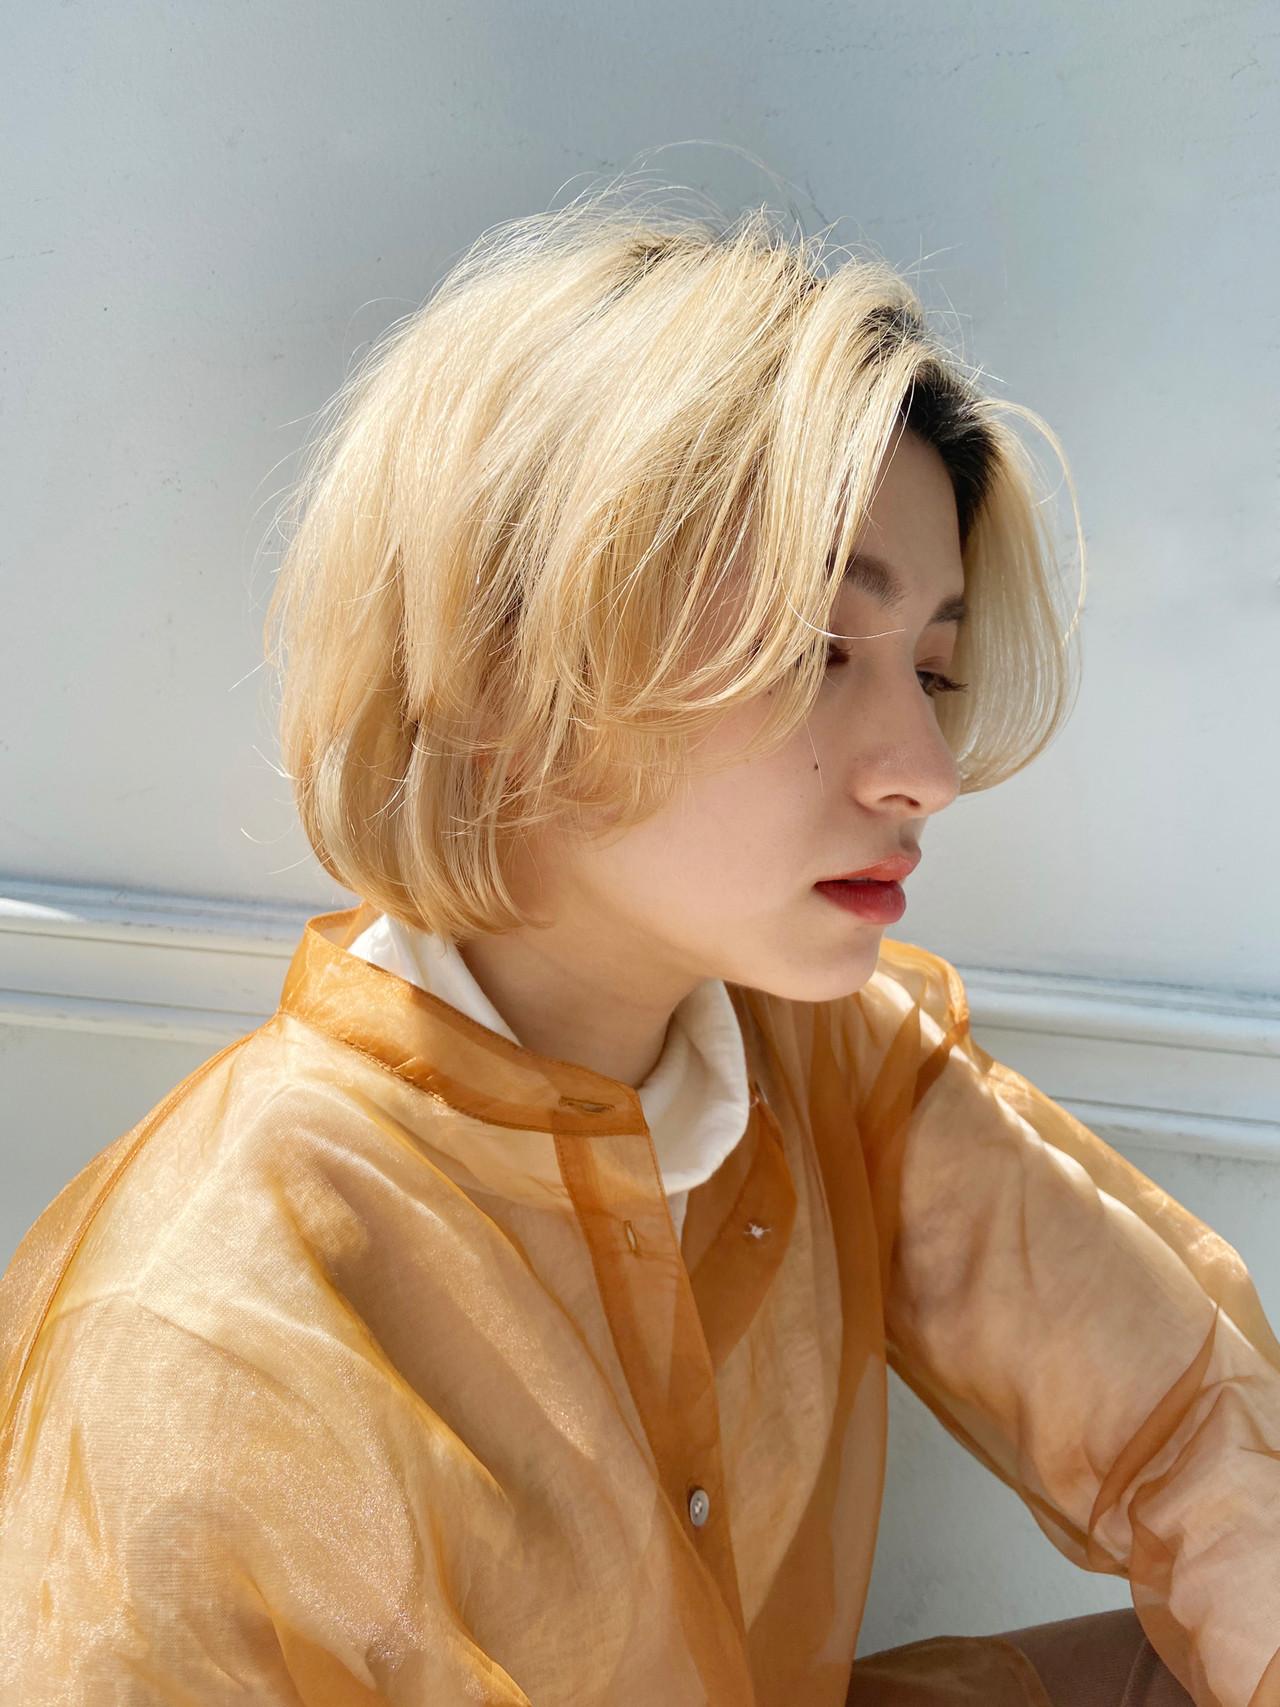 ボブ ブリーチオンカラー モード ハイトーンボブ ヘアスタイルや髪型の写真・画像 | 元橋啓太 / snob